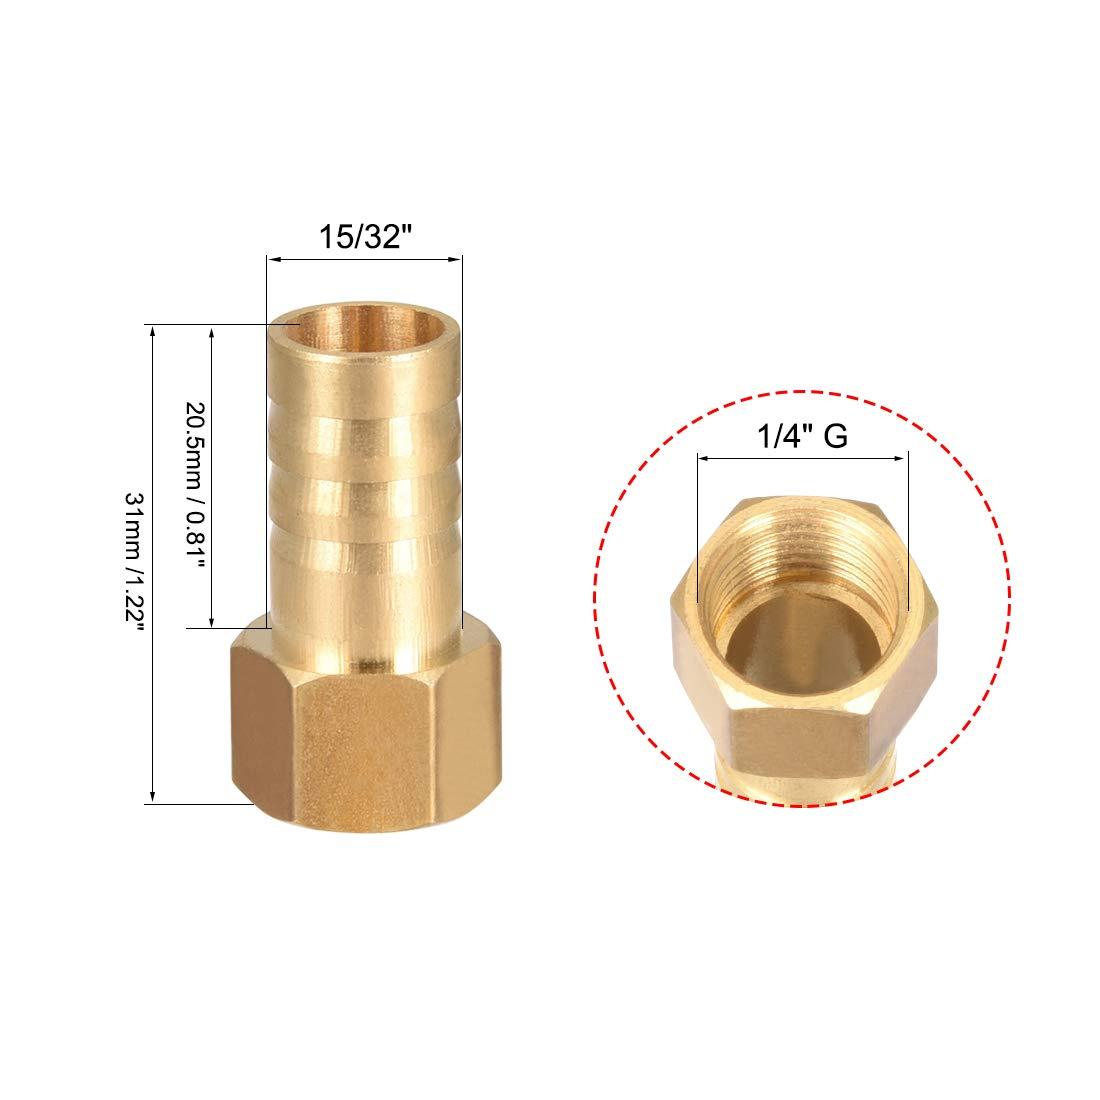 sourcing map Raccordo portagomma in ottone raccordo tubo flessibile adattatore per connettore 8mm x spinato 1//2 G tubo femmina 5pz